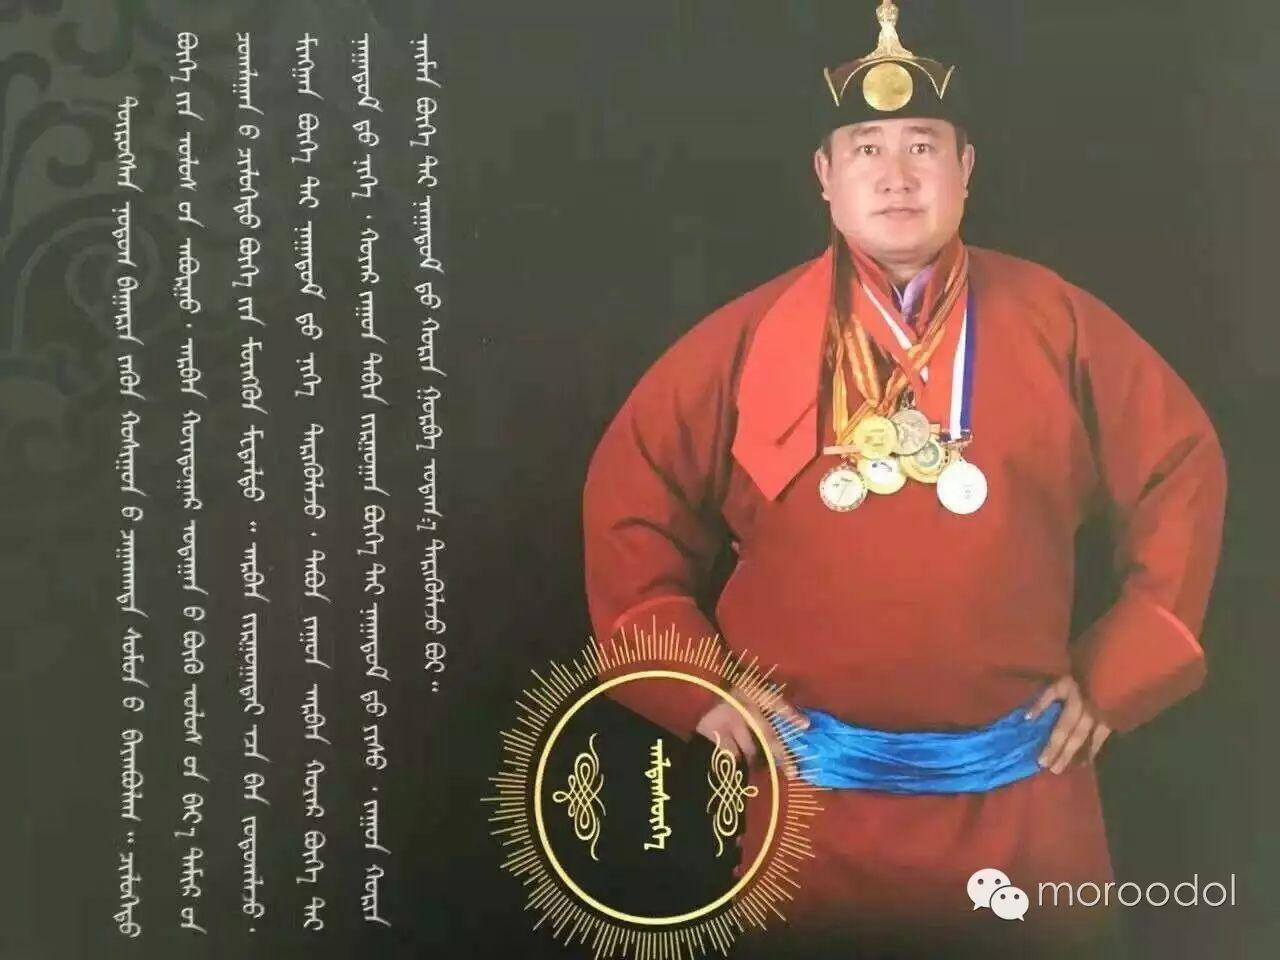 卐【蒙古博克】赤峰著名摔跤手及他们的战绩(图片) 第11张 卐【蒙古博克】赤峰著名摔跤手及他们的战绩(图片) 蒙古文化